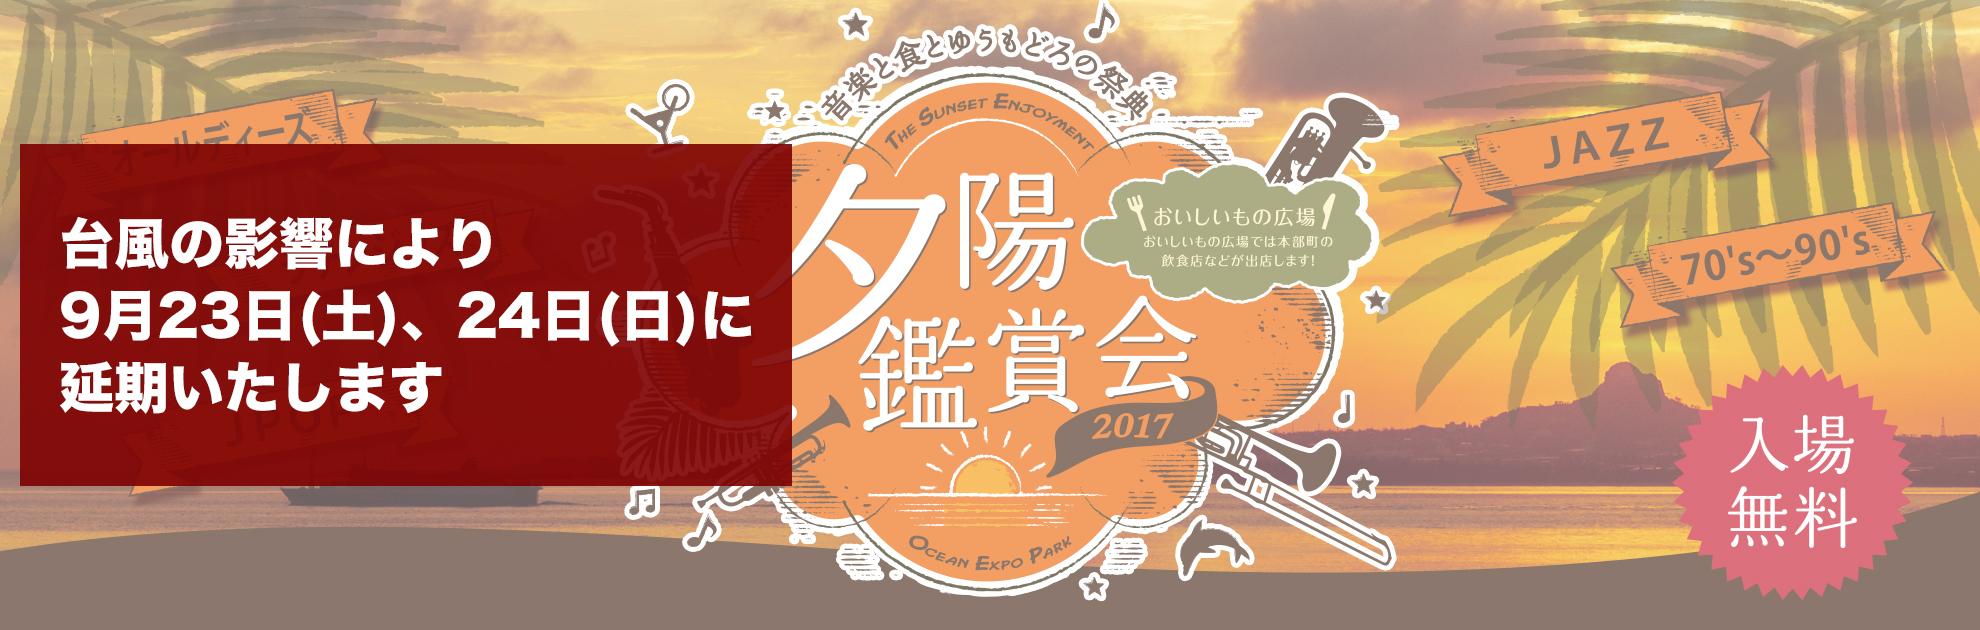 第3次夕陽鑒賞會~音樂和食品toyuumodorono典禮~